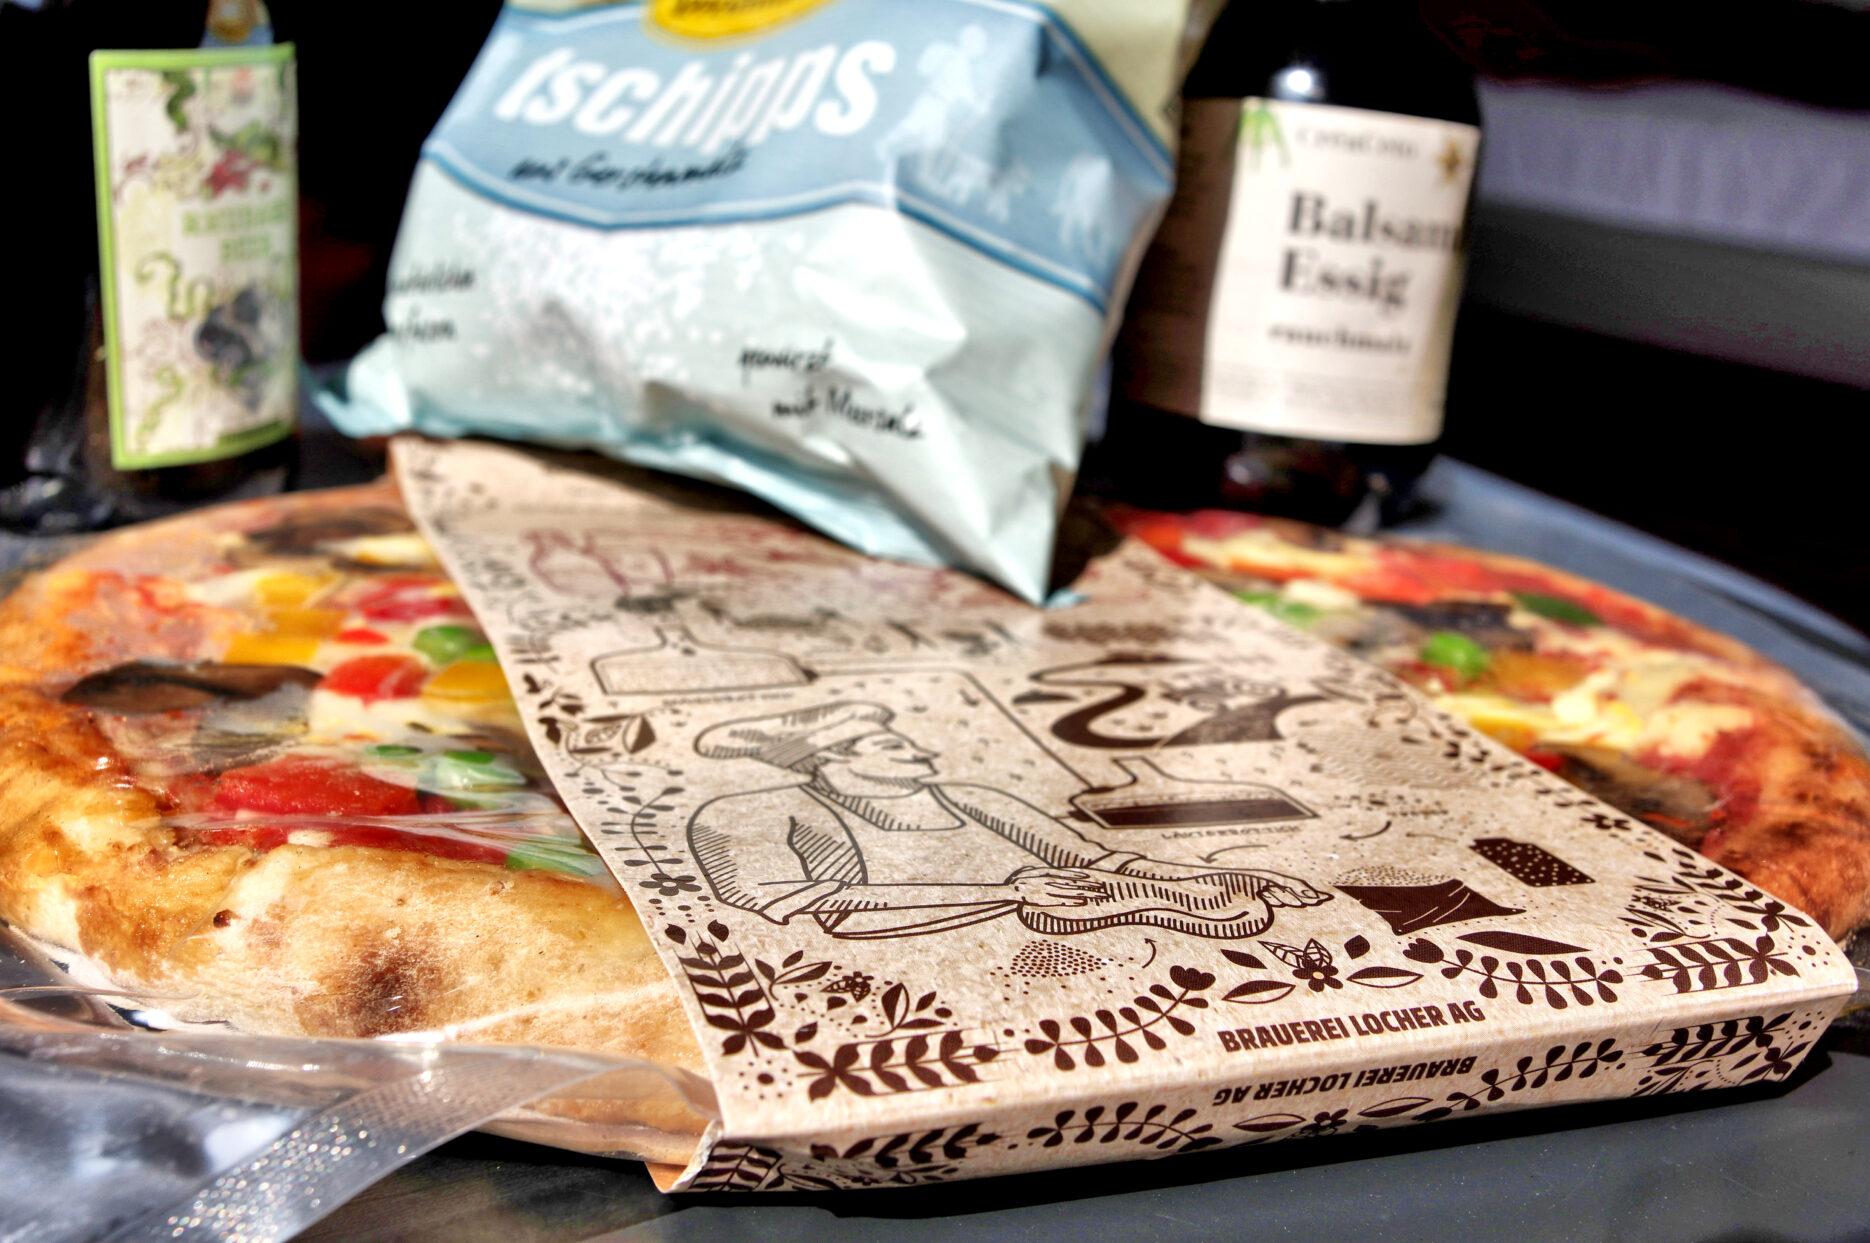 Pizza der Brauerei Locher